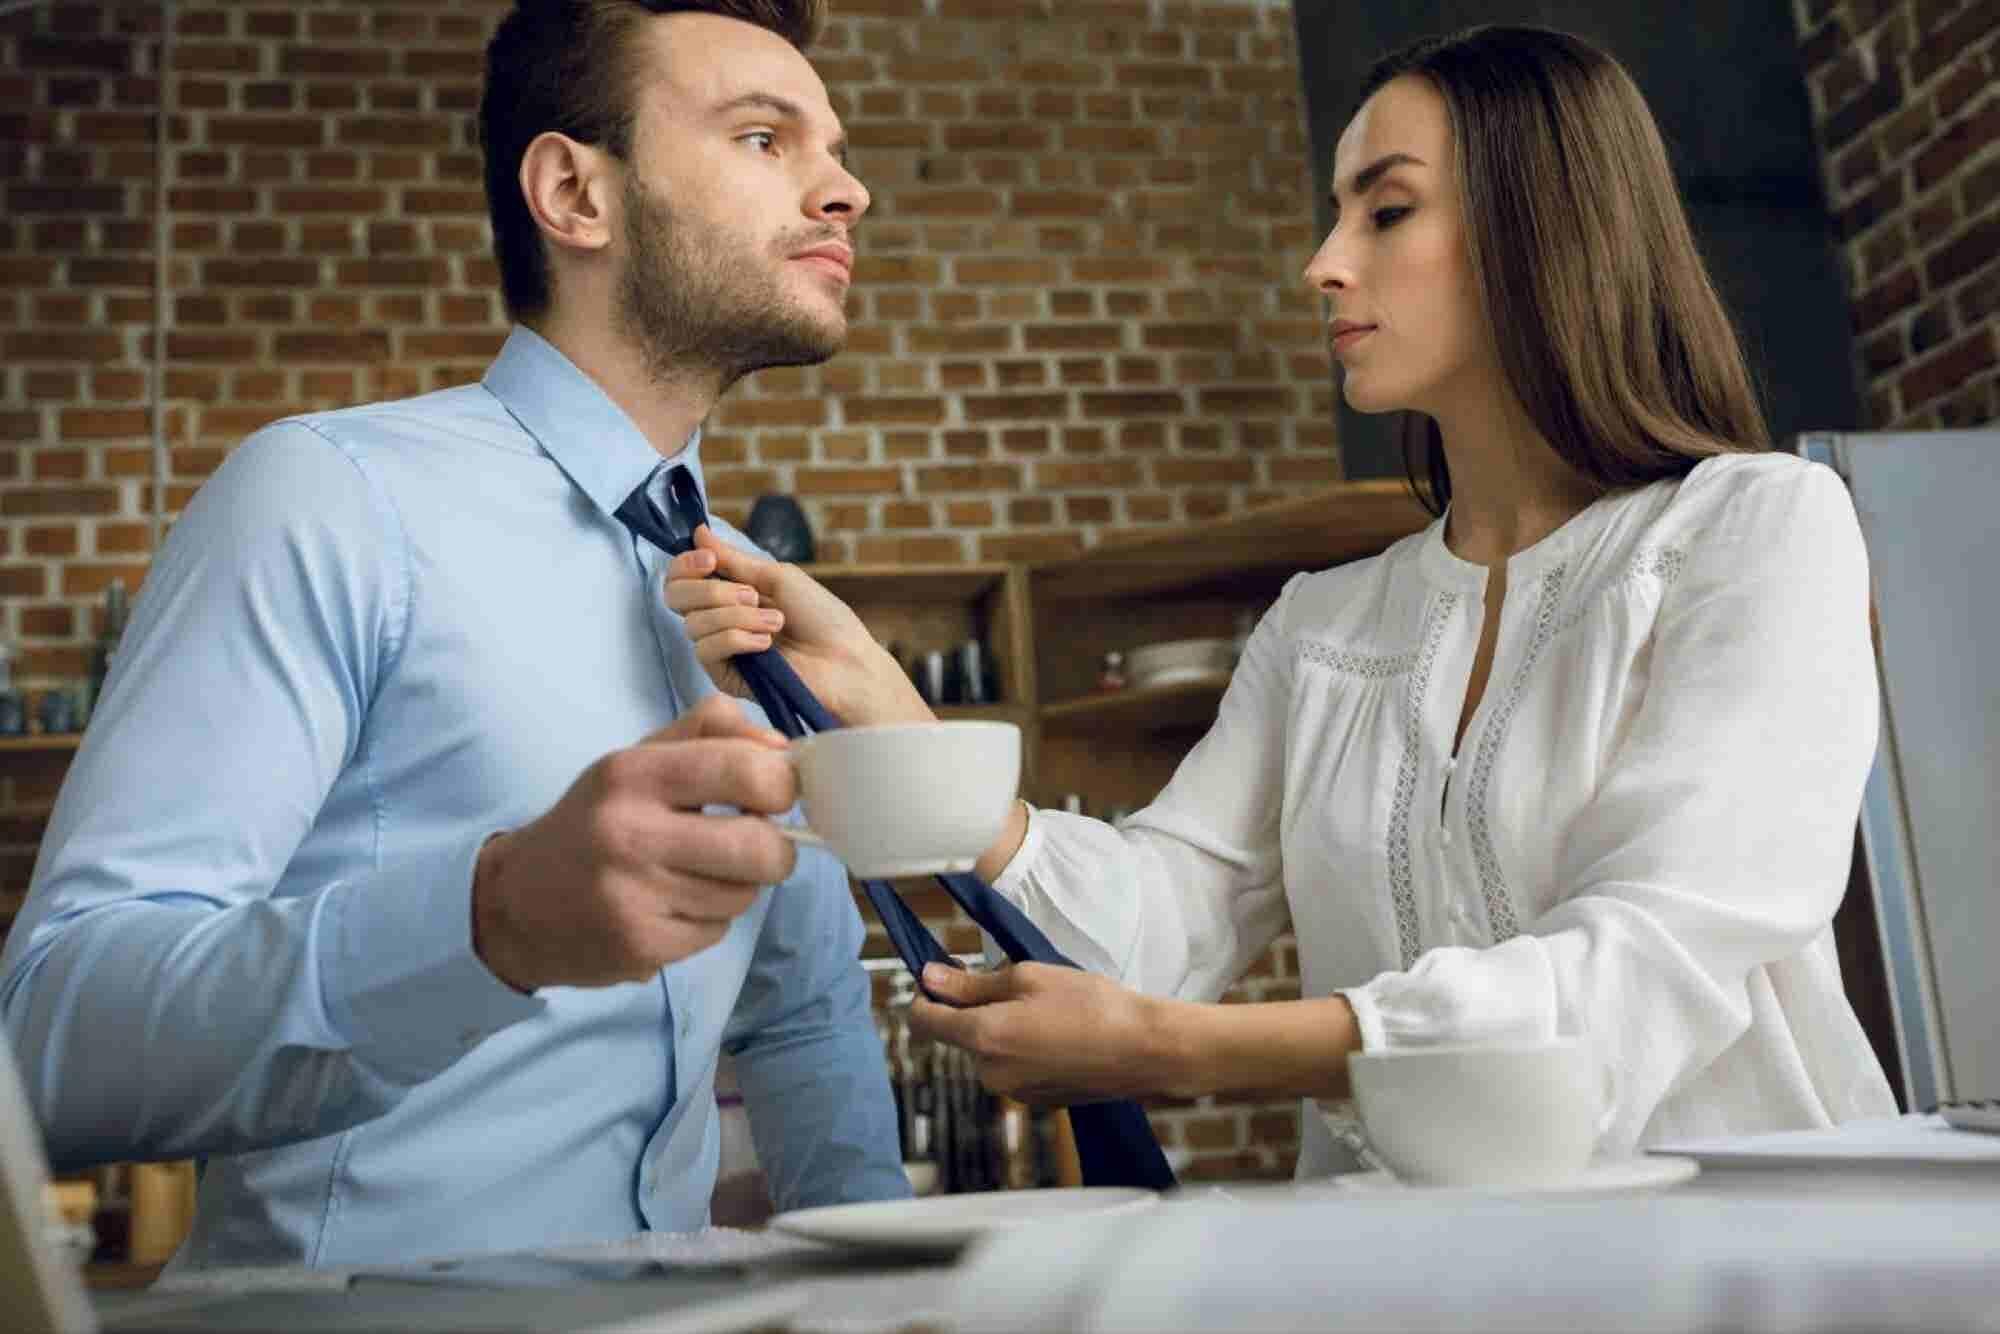 ¿Quieres transmitir autoridad? 5 claves para lograrlo con tu vestimenta